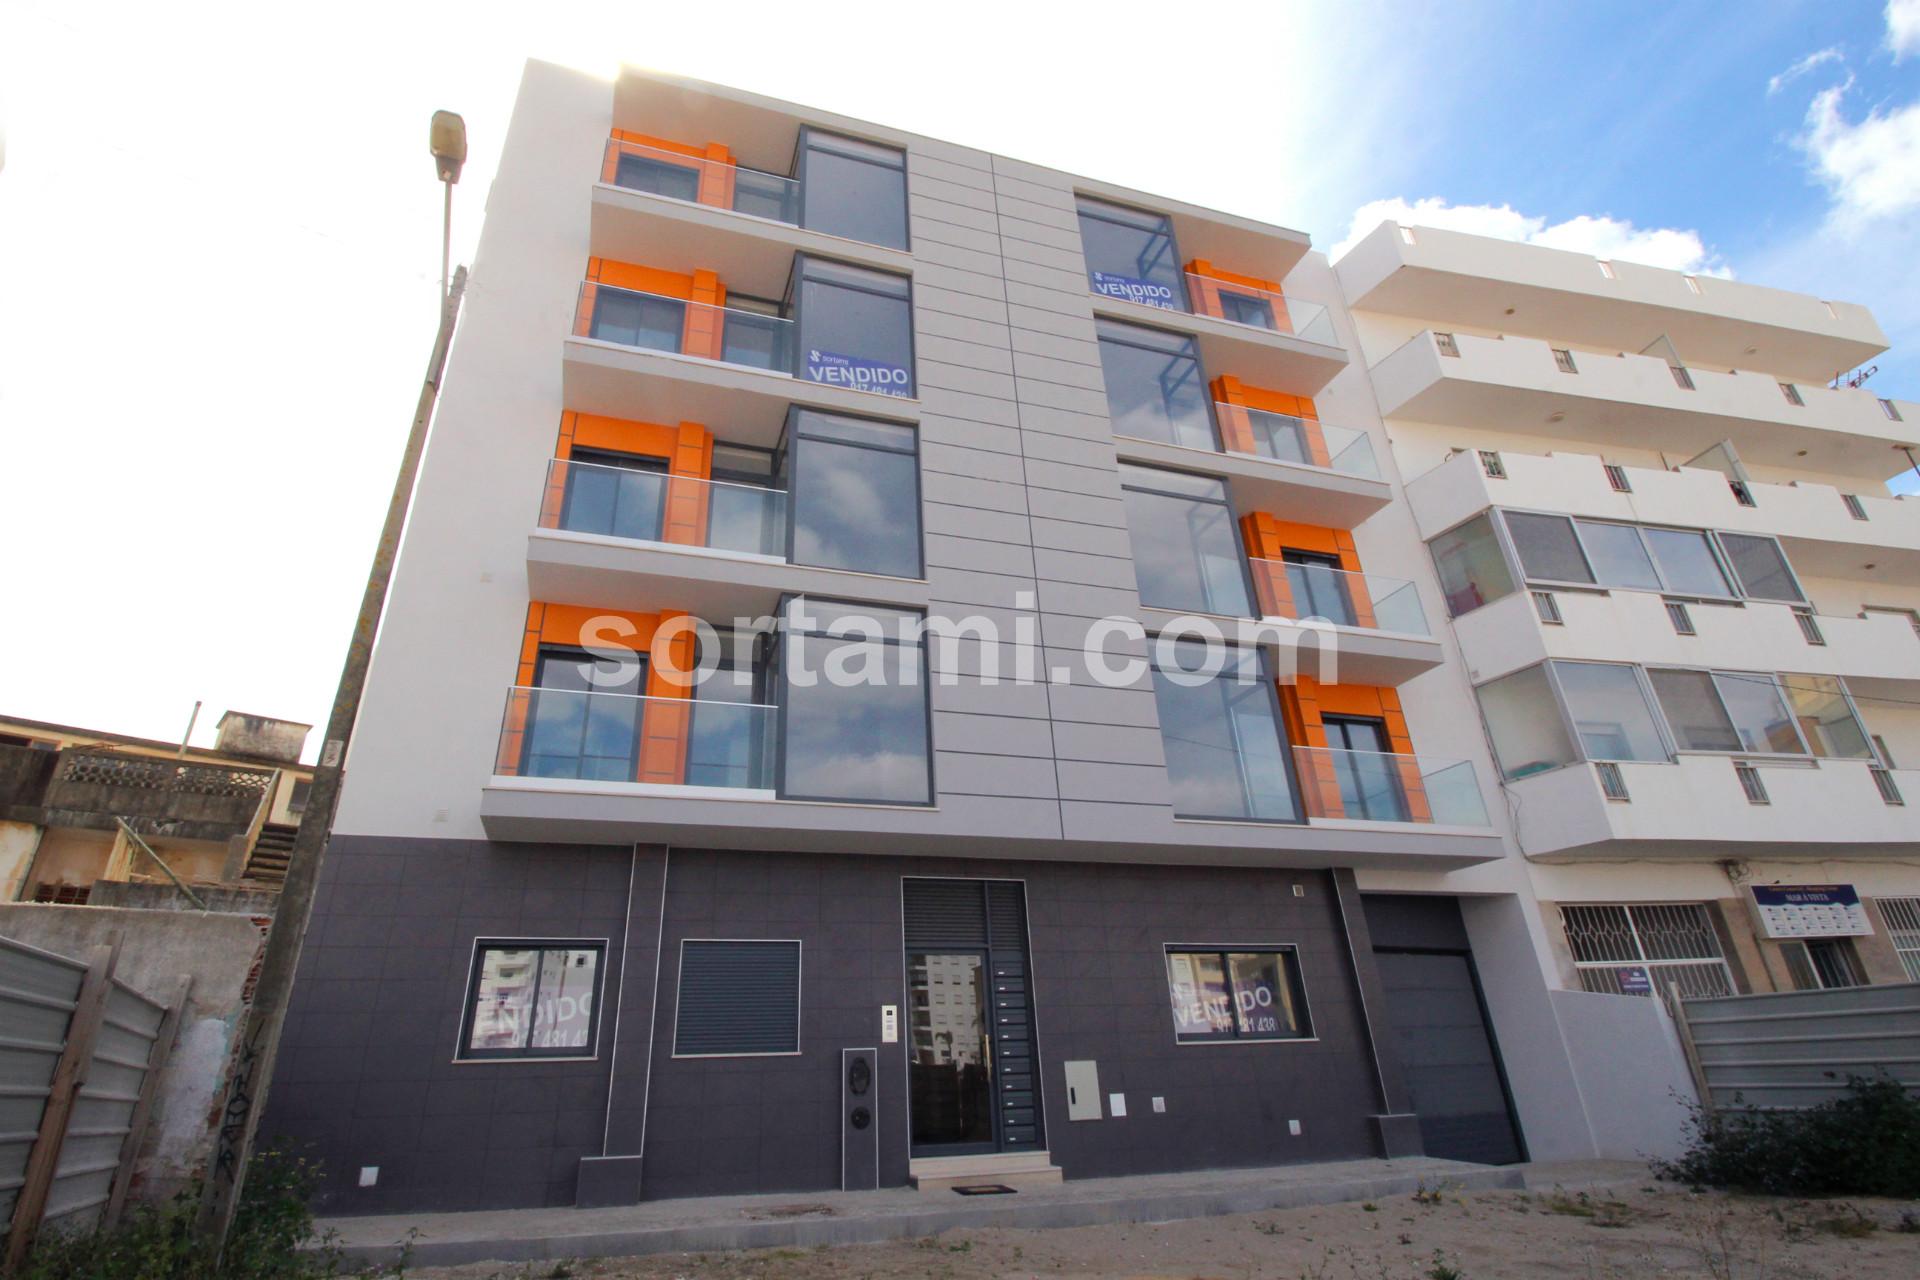 Apartamento T3 Venda em Quarteira,Loulé